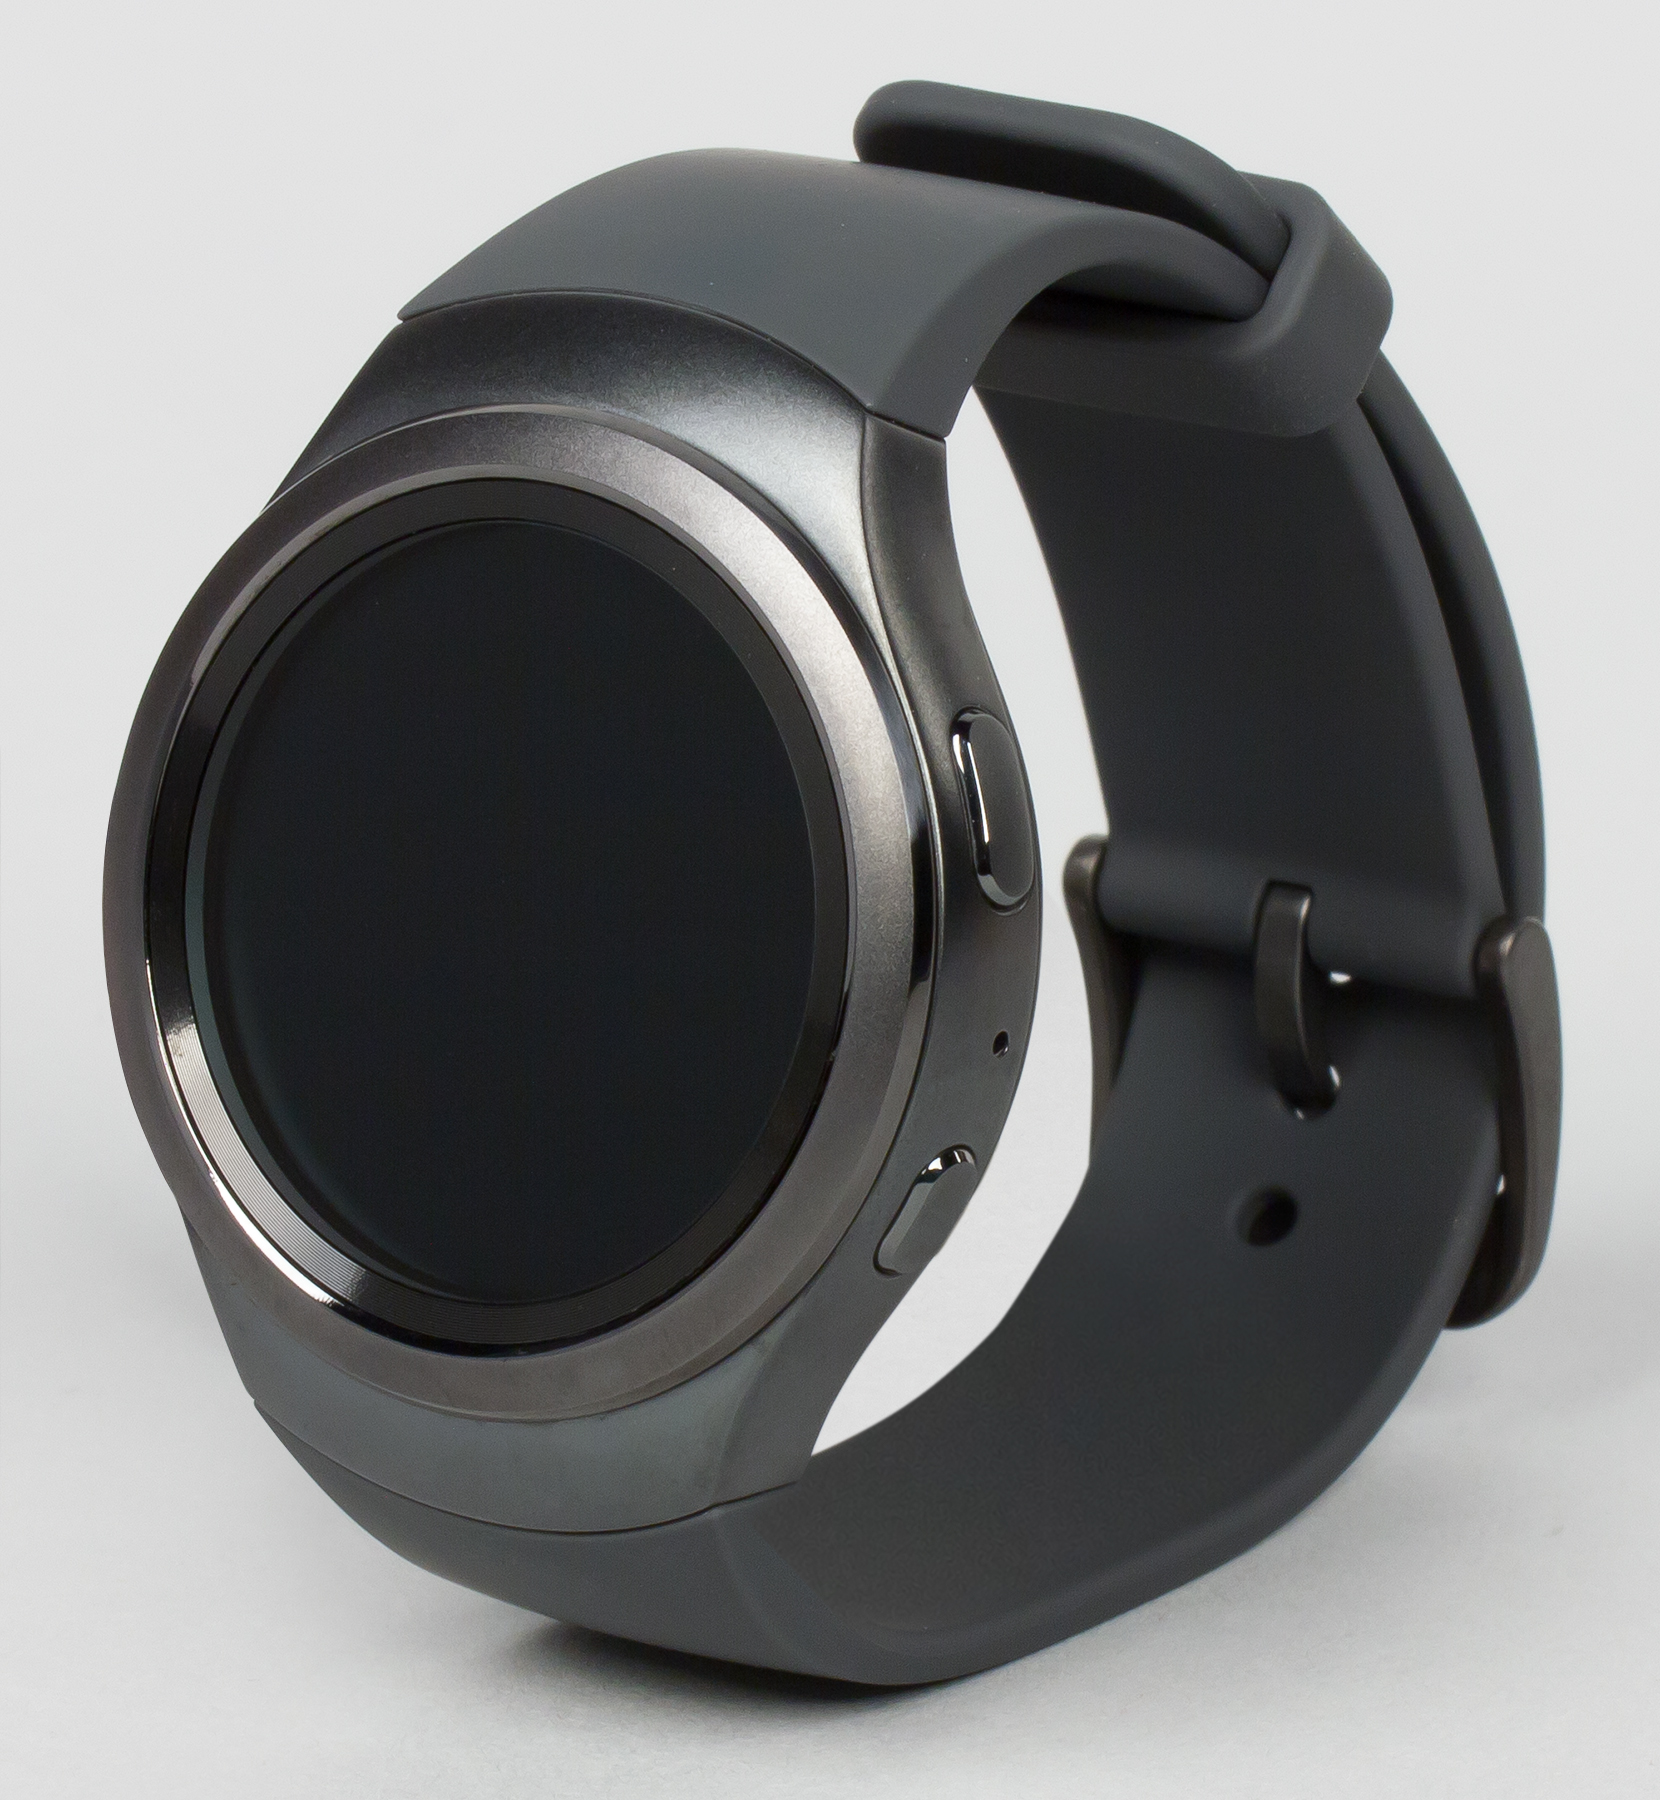 2 гир часы стоимость самсунг в ломбарде морис лакруа часы